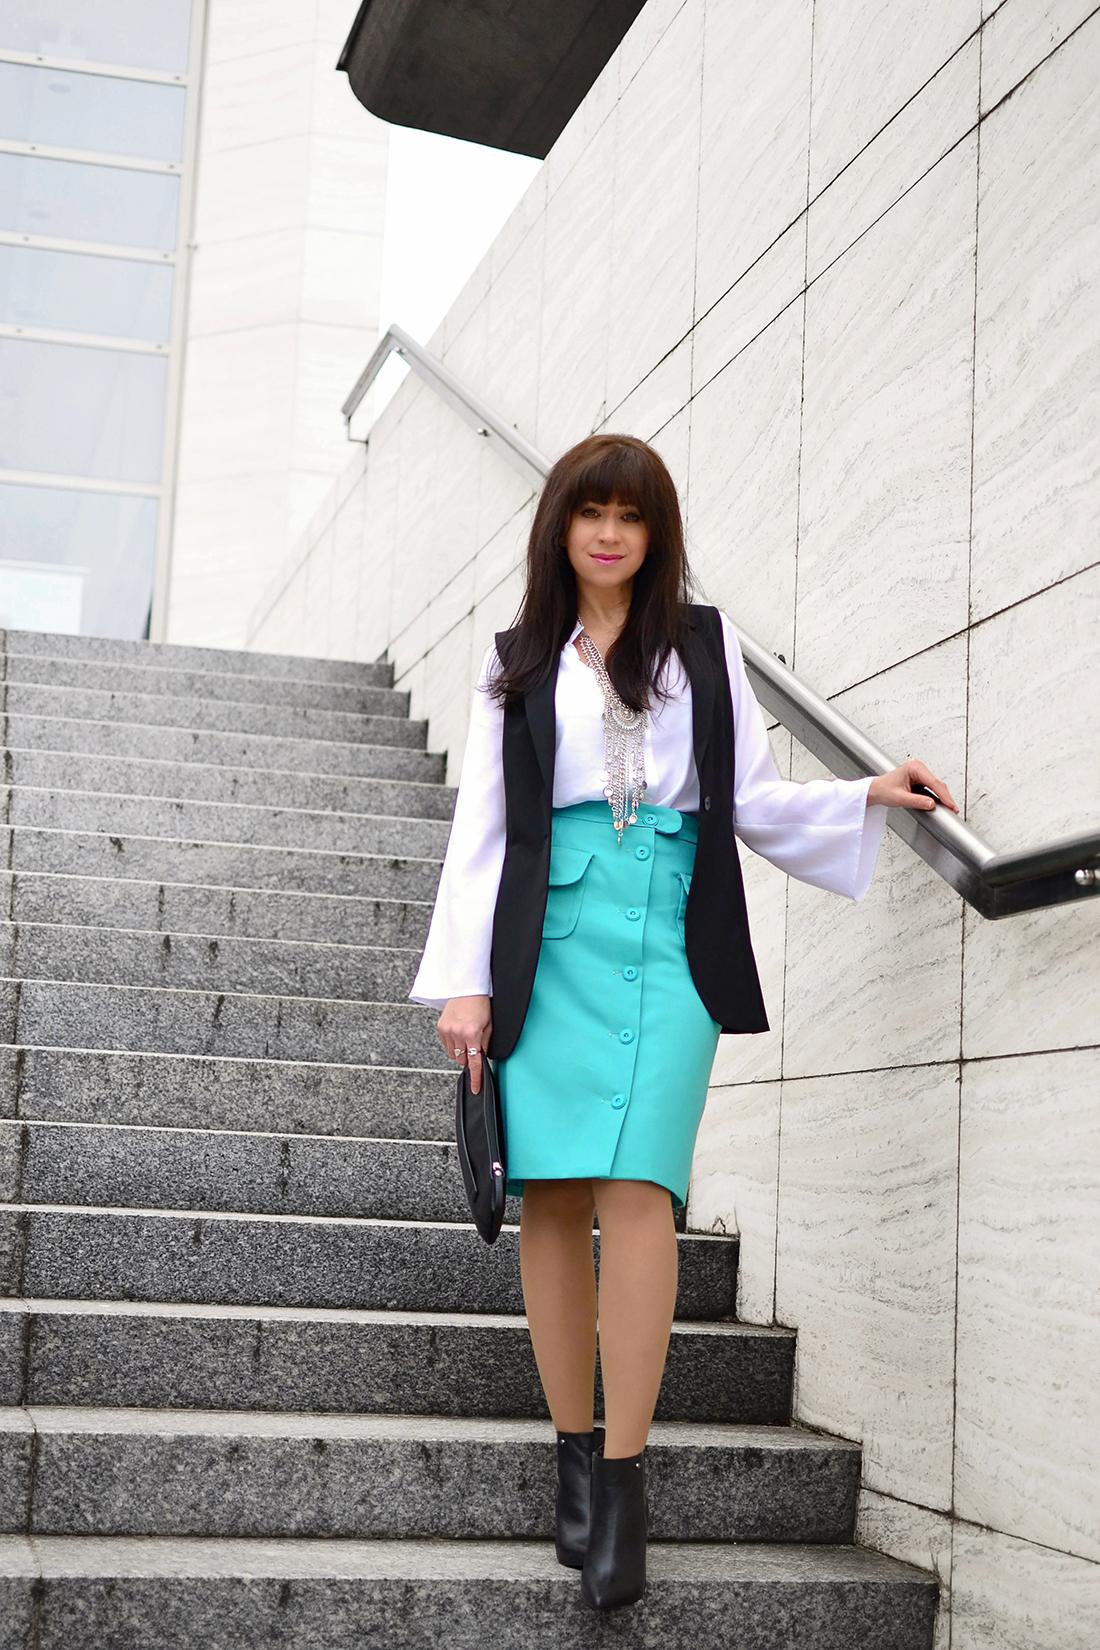 Biela blúzka so zvonovými rukávmi_Katharine-fashion is beautiful_blog 3_Biela blúzka_Čierna vesta_Katarína Jakubčová_Fashion blogger